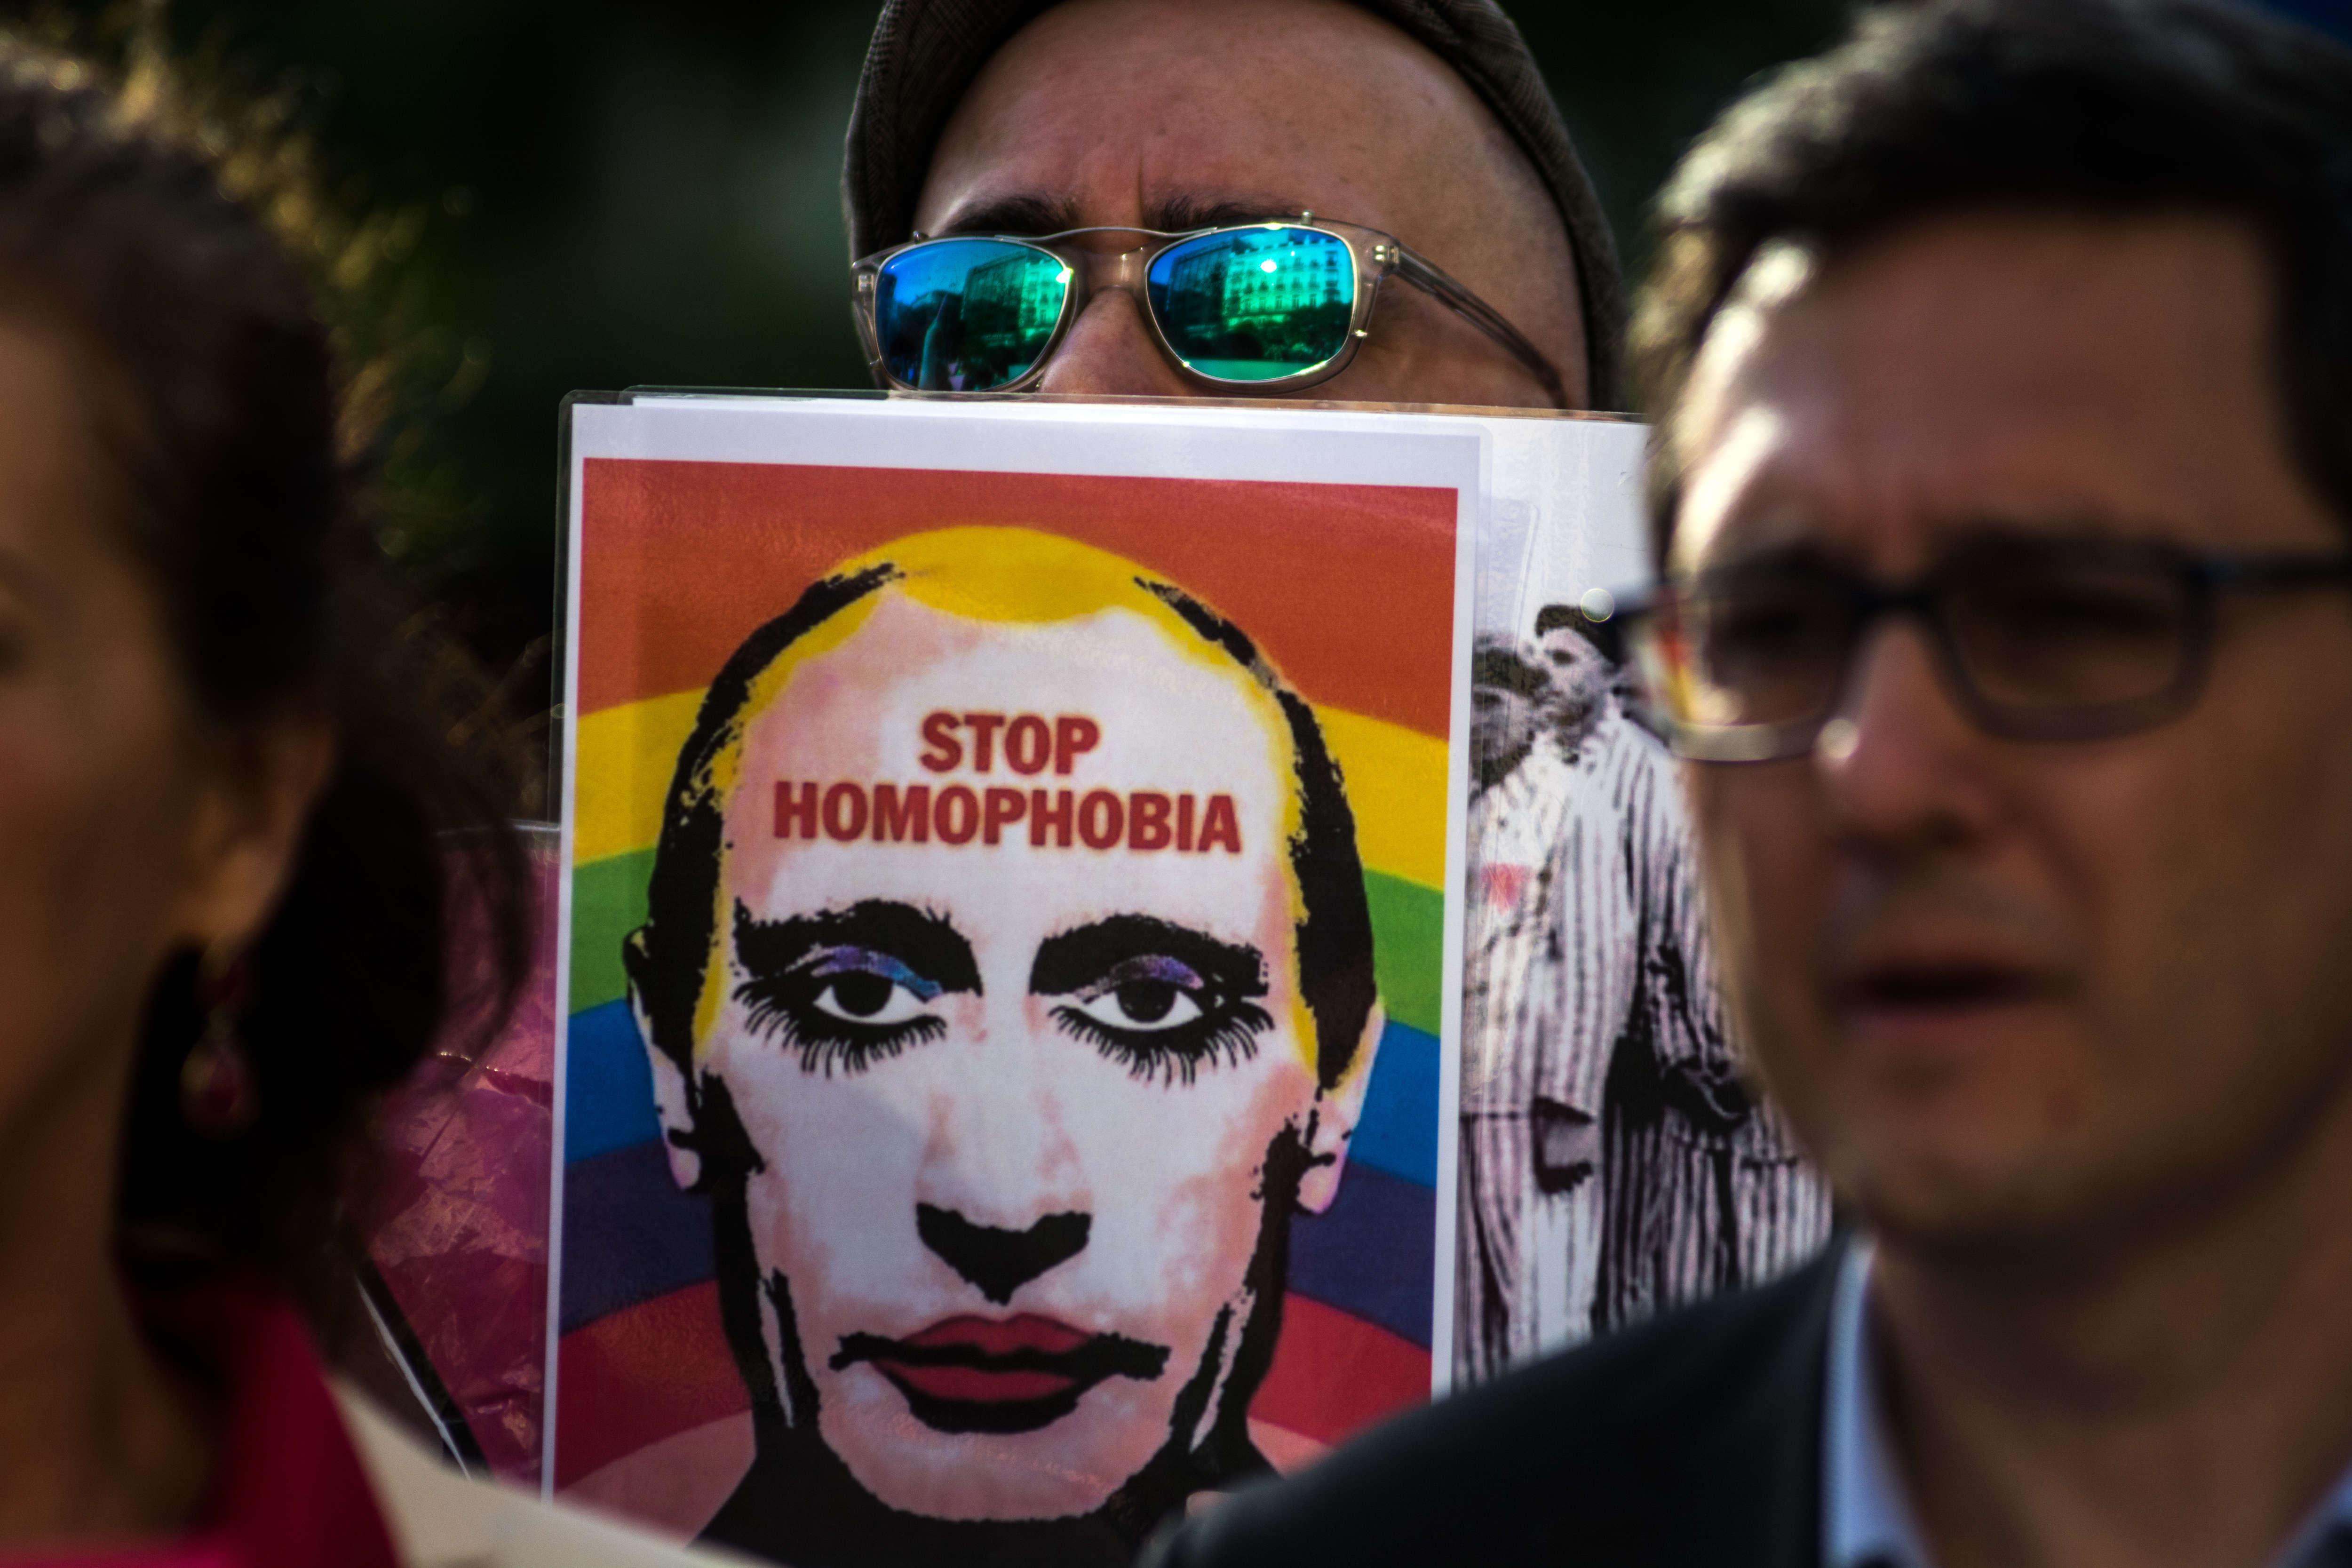 Rusland homofobie